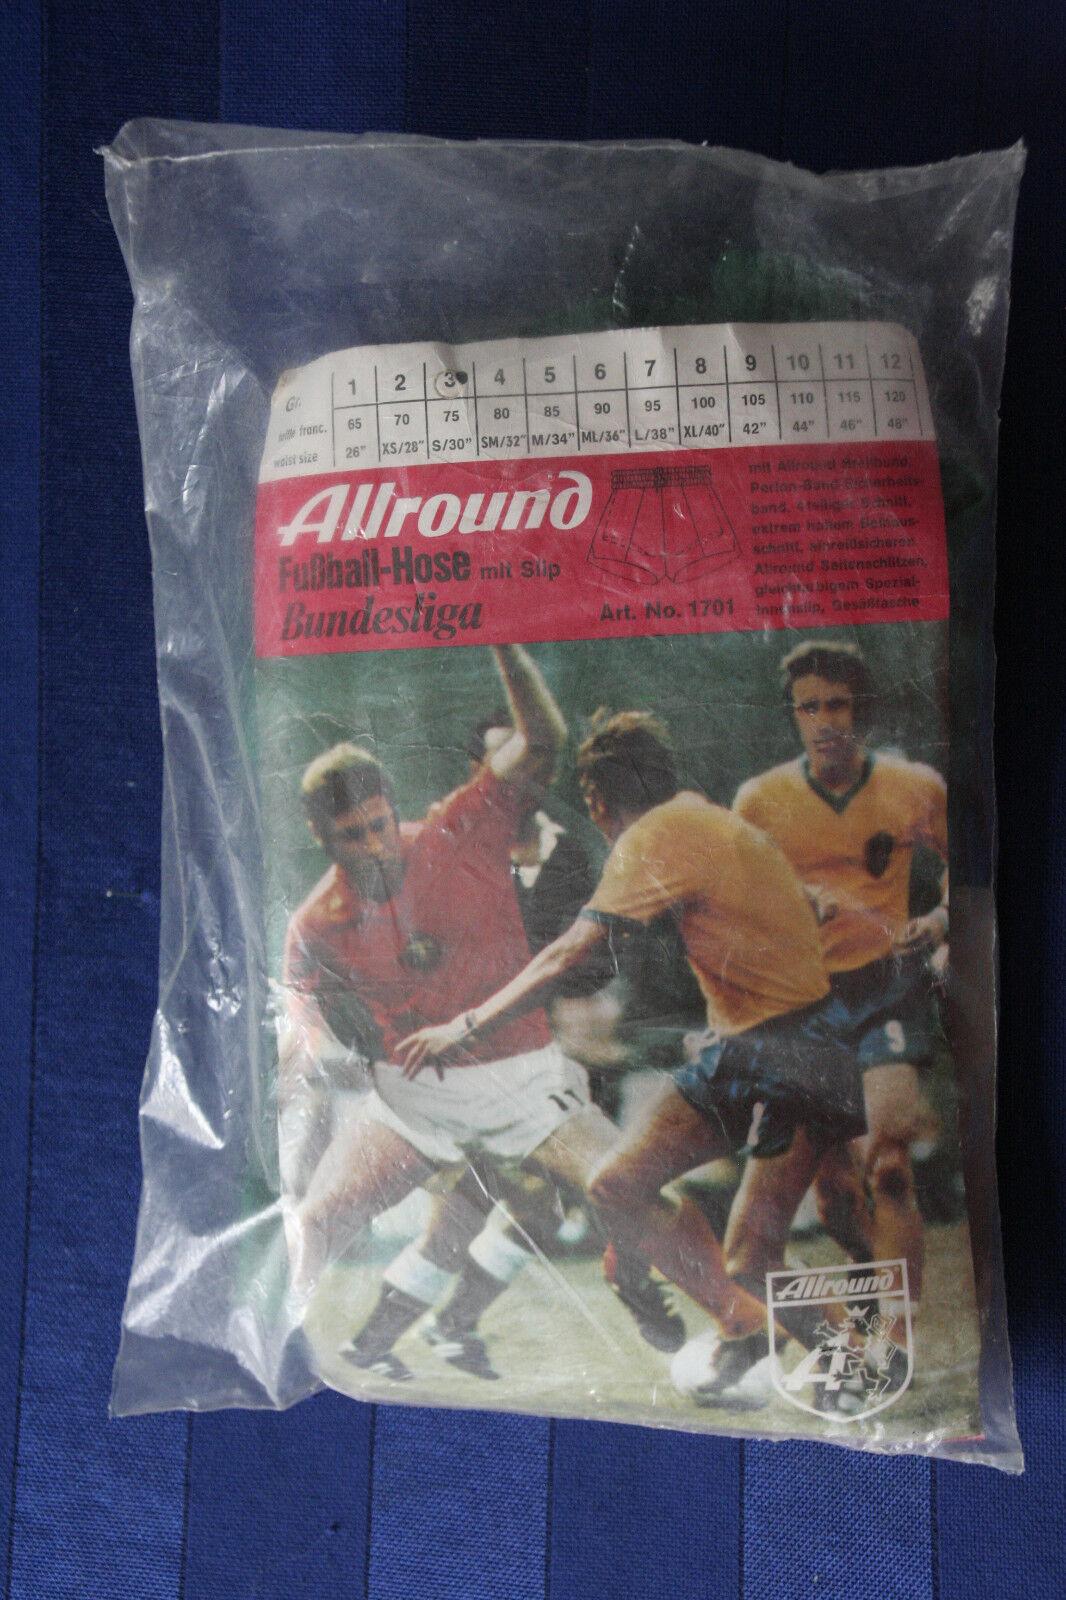 Allround Fußball Hose Bundesliga mit slip True Vintage sport football shorts NOS    | Kaufen